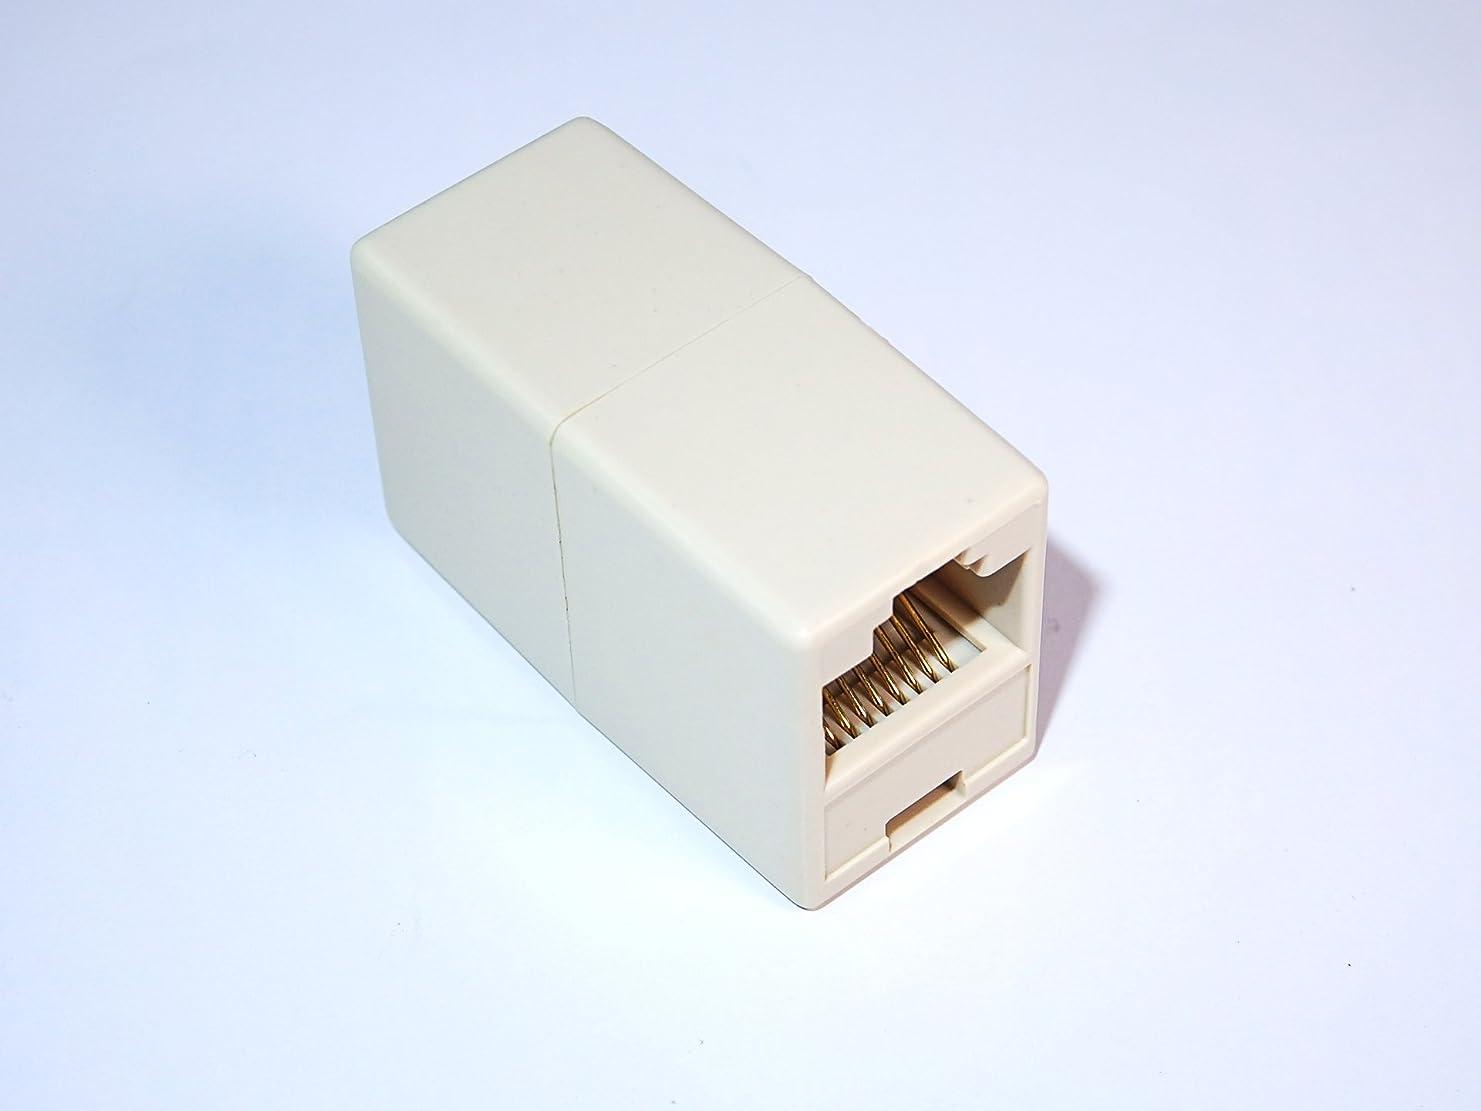 エスエスエーサービス LANケーブル延長アダプタ (カテゴリ5、6対応) SSC-15LAN